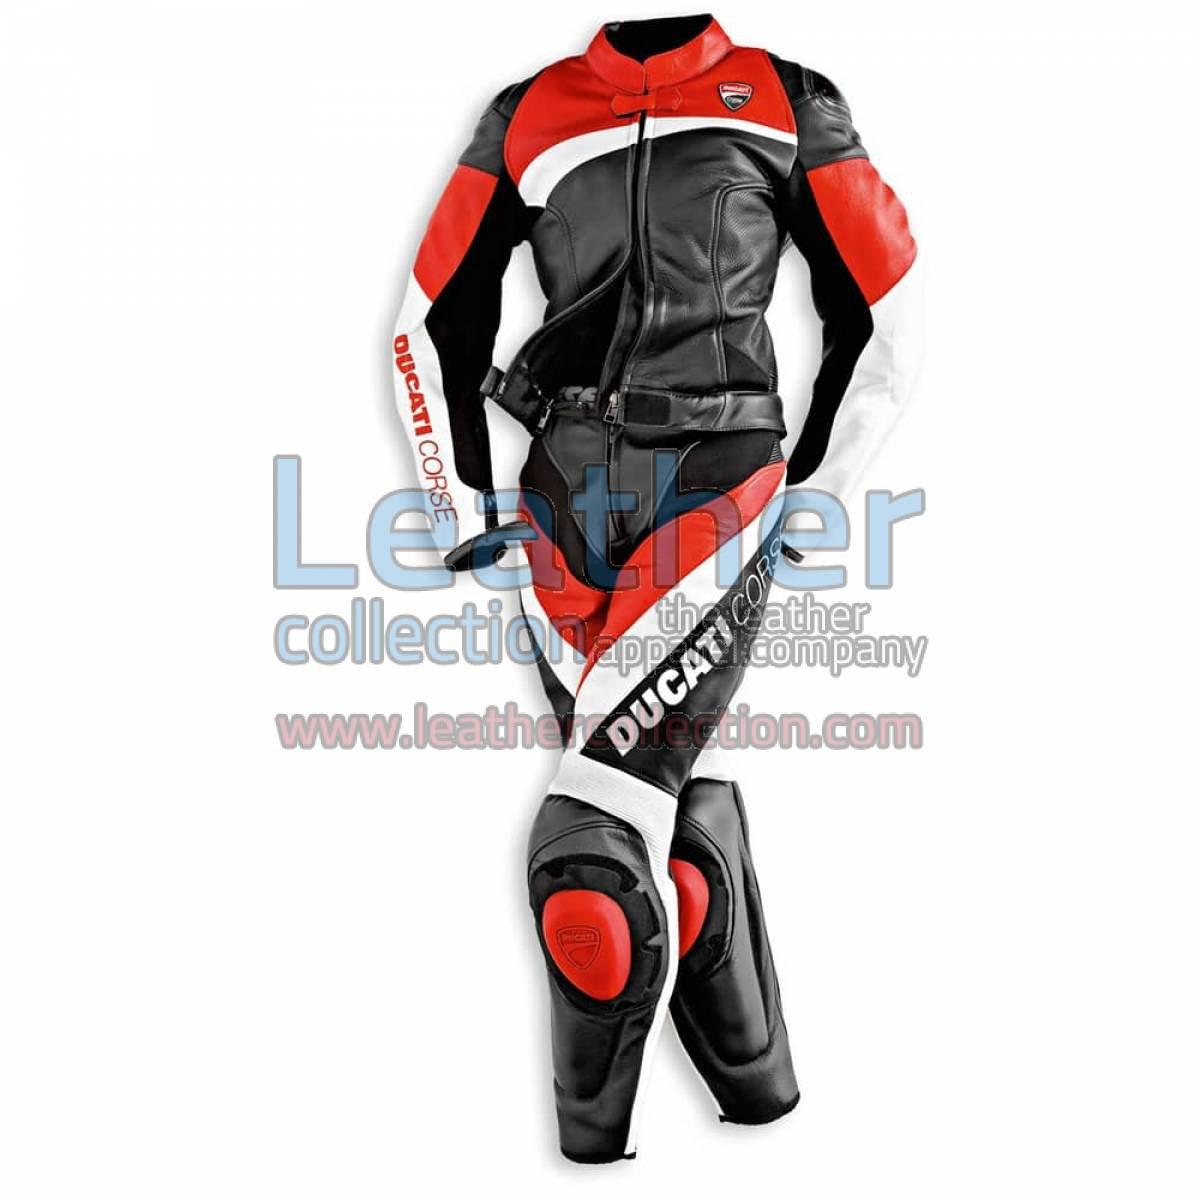 Ducati Corse Racing Leather Suit